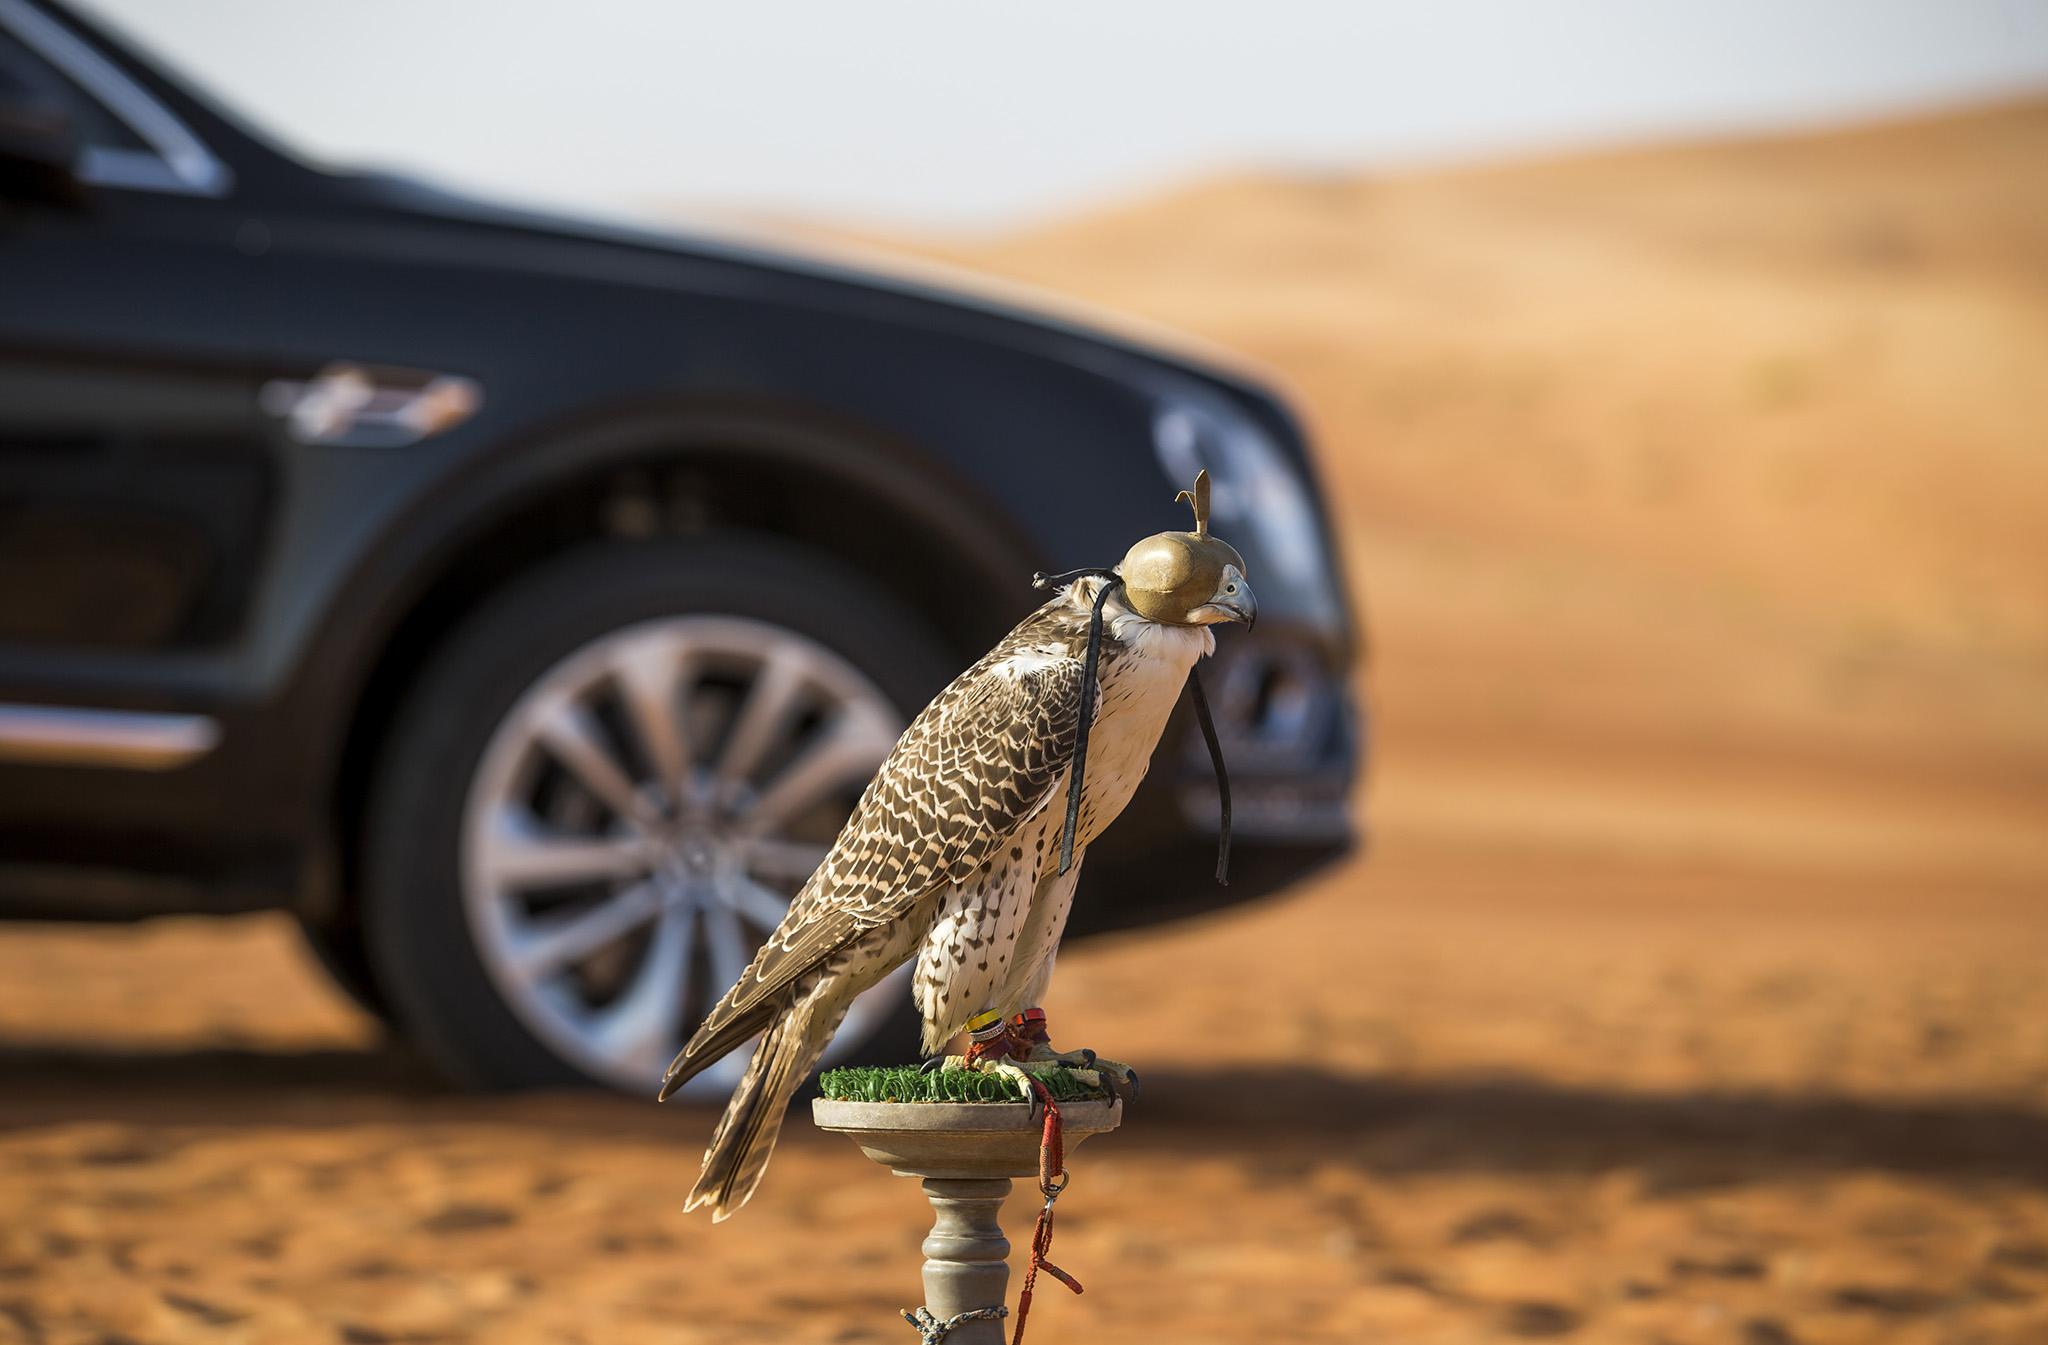 بنتایگا بنتلی برای پرندگان اشرافی